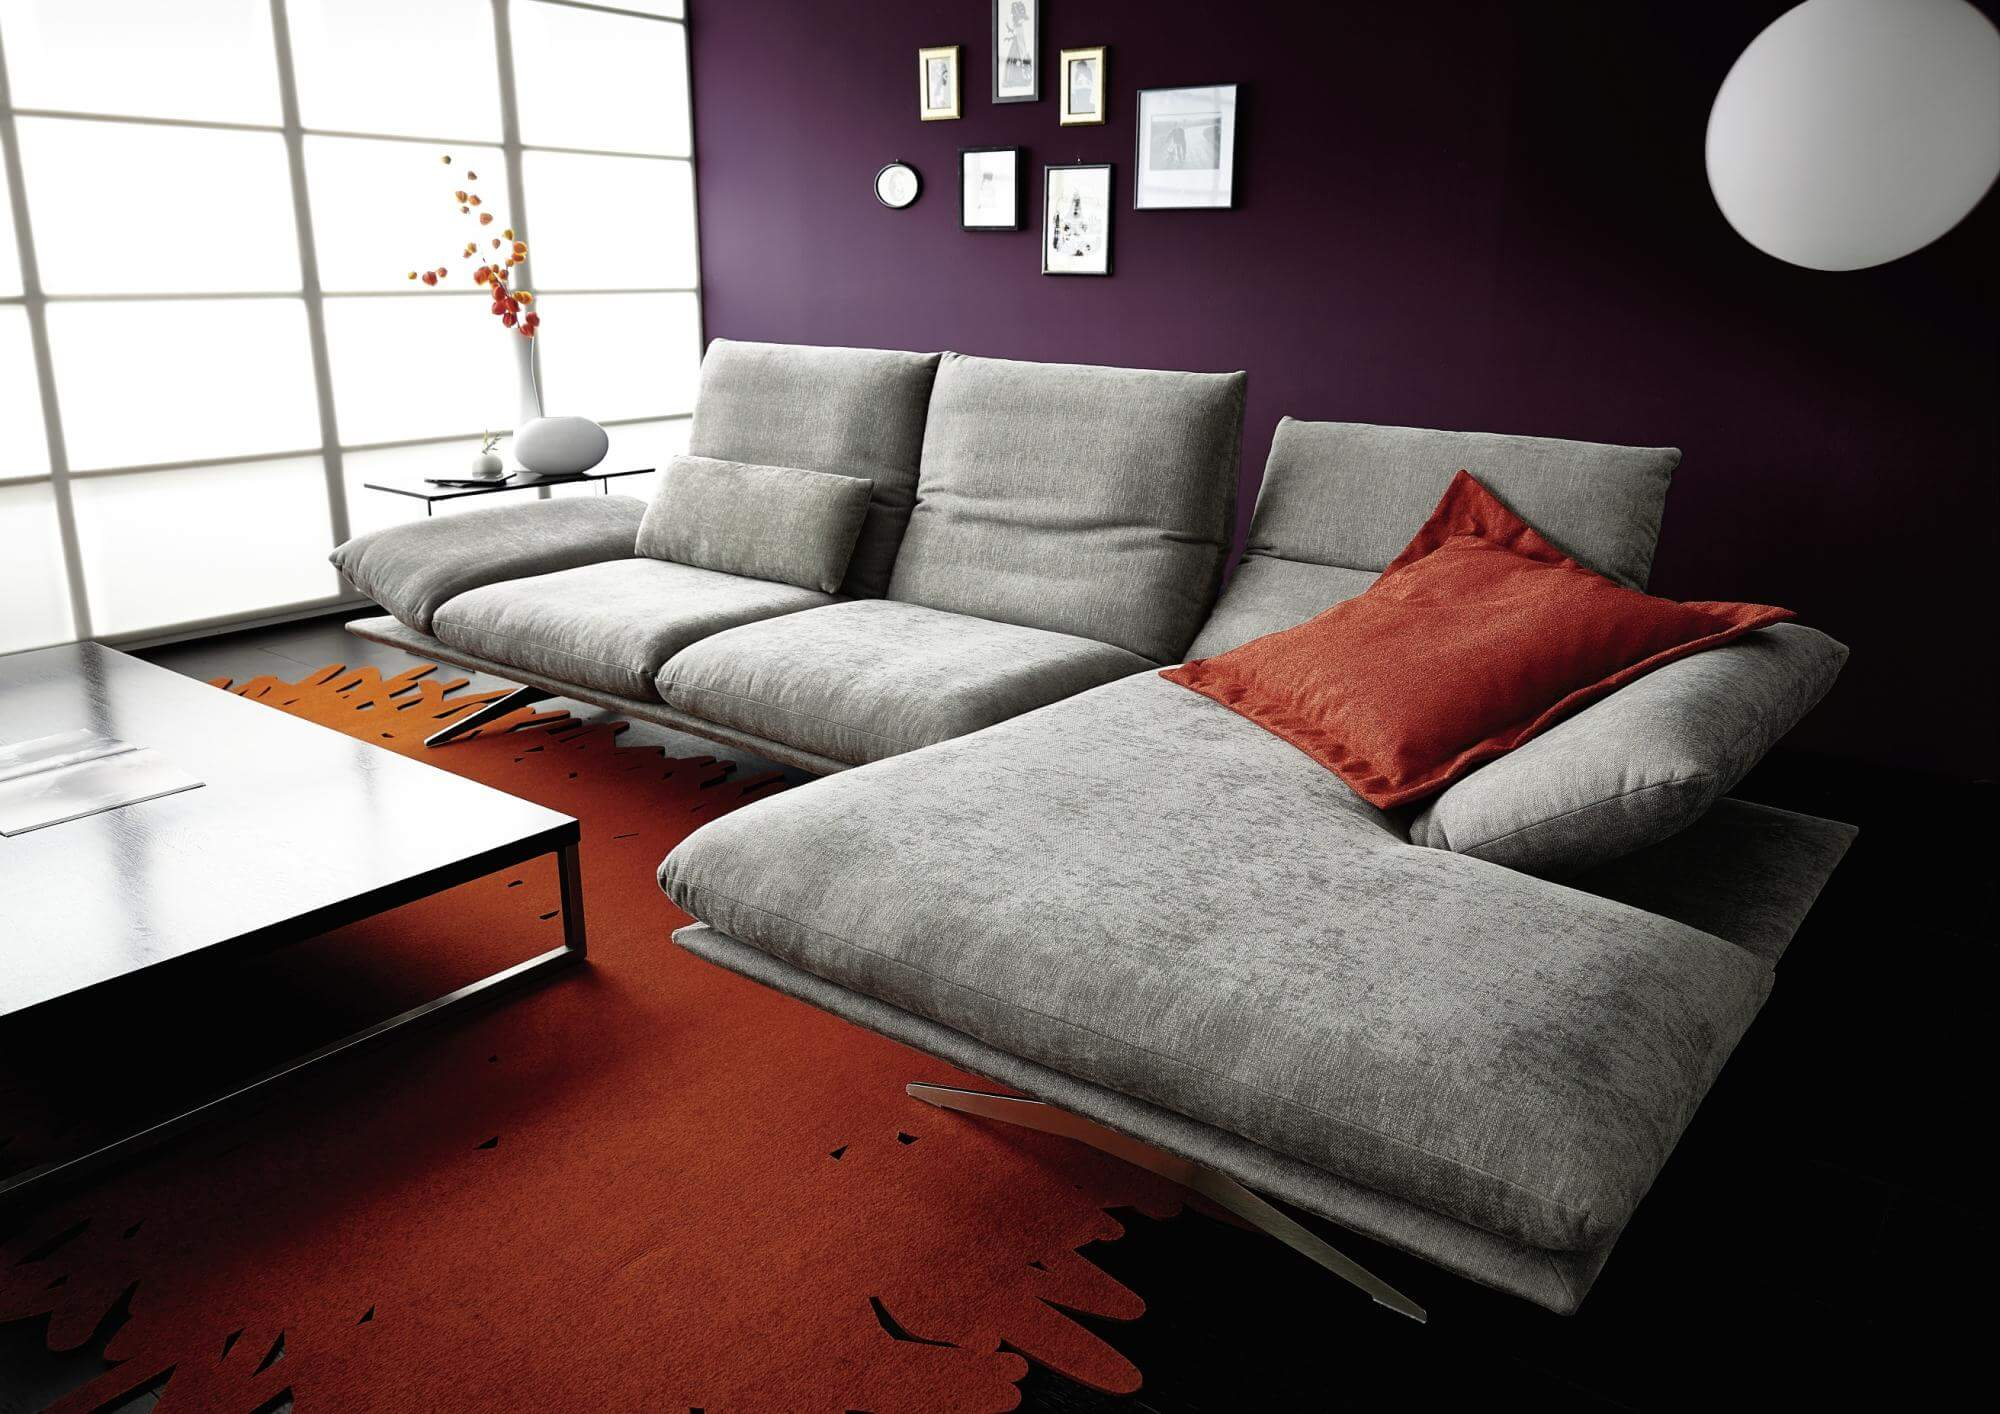 Full Size of Modernes Sofa Moderne Sofas Landhausstil Big Poco Rund Megapol Xxxl Günstig Rattan 2 5 Sitzer Chippendale überzug Recamiere Mit Schlaffunktion Sofa Modernes Sofa